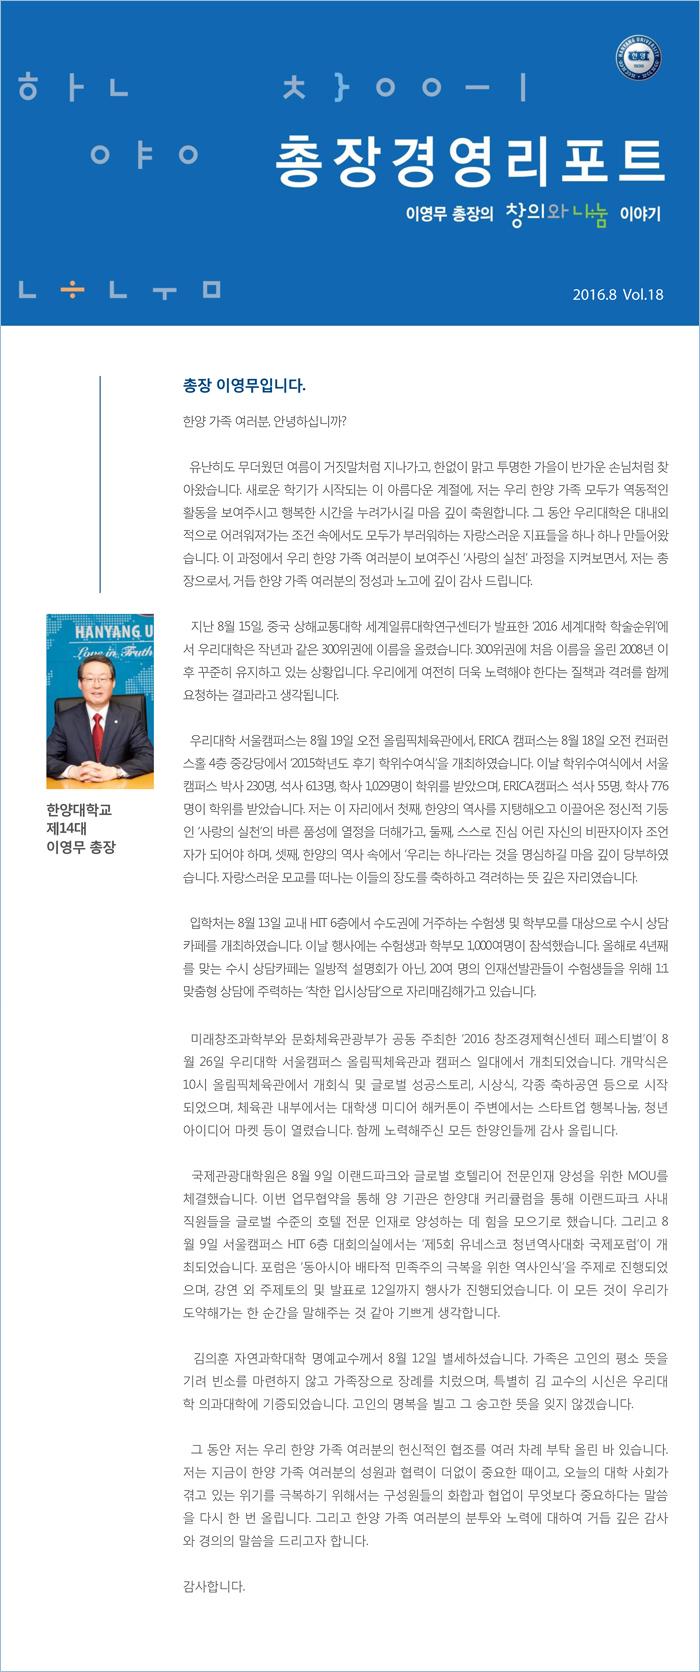 총장경영리포트 2016년 08월호